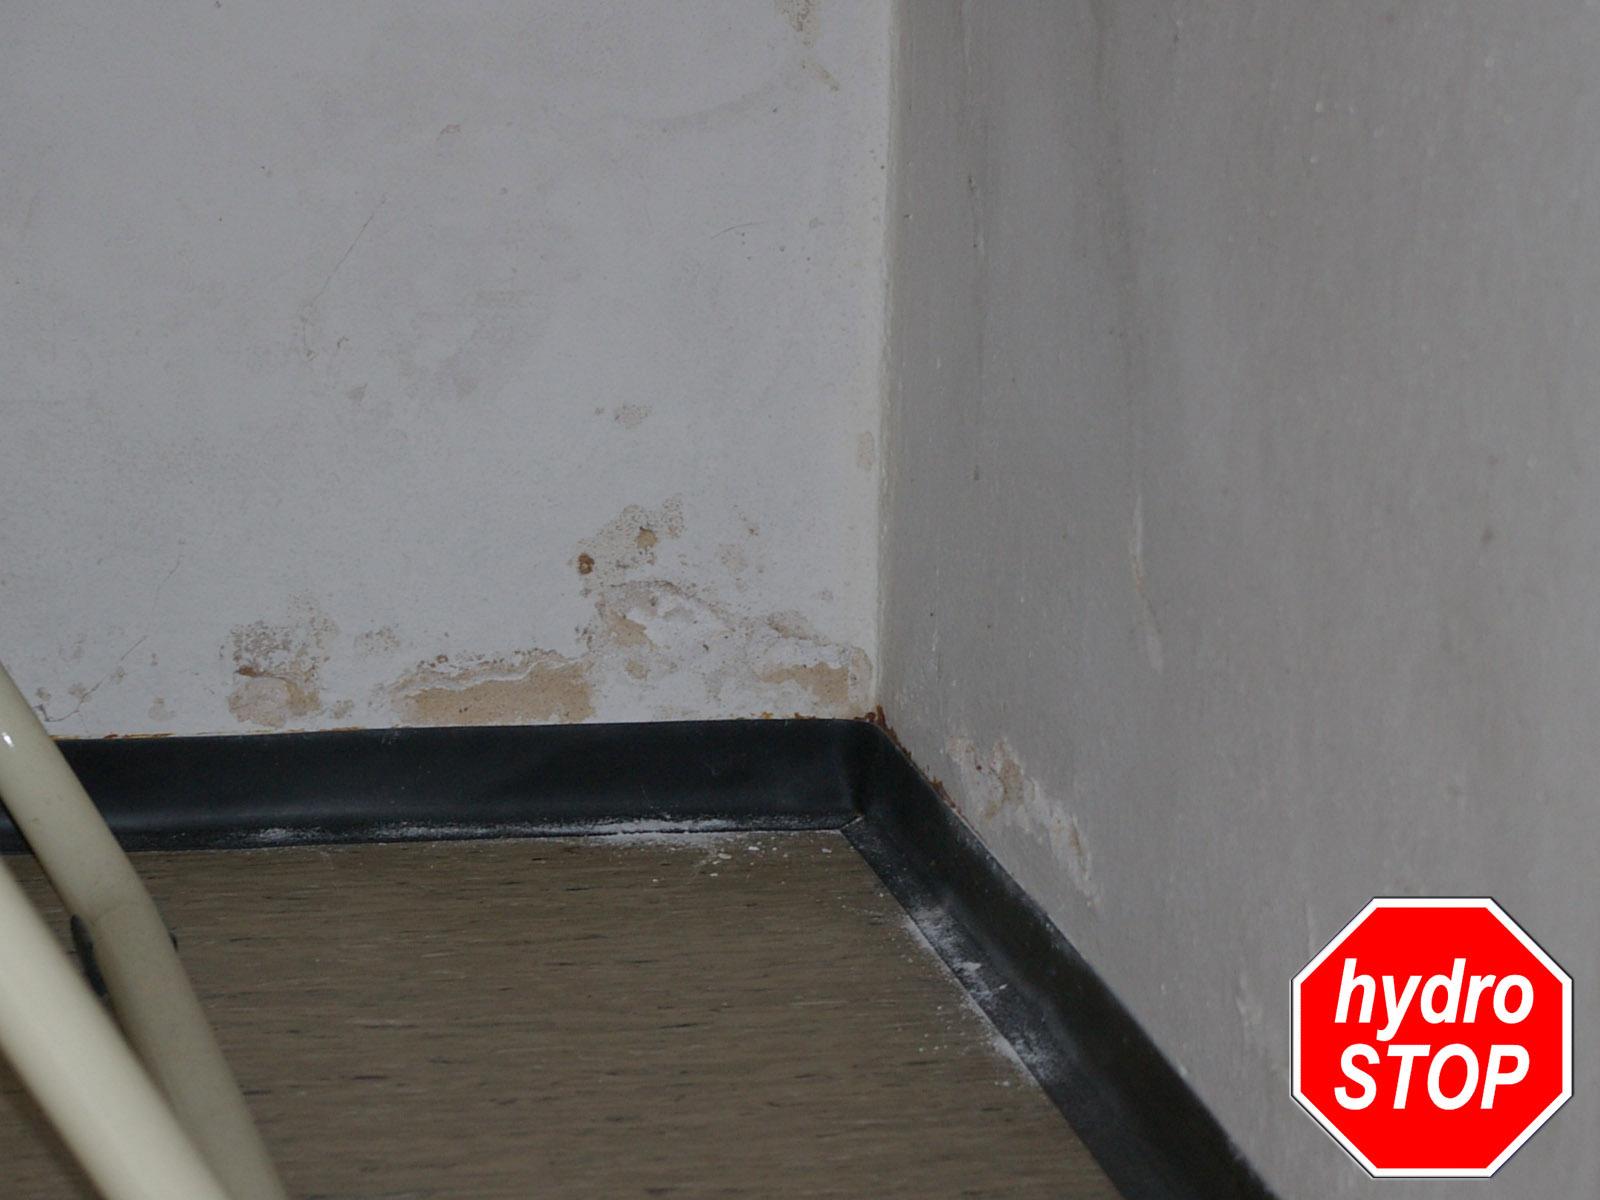 Berühmt Feuchtigkeit im Keller: hydro-STOP - Keller abdichten UW46